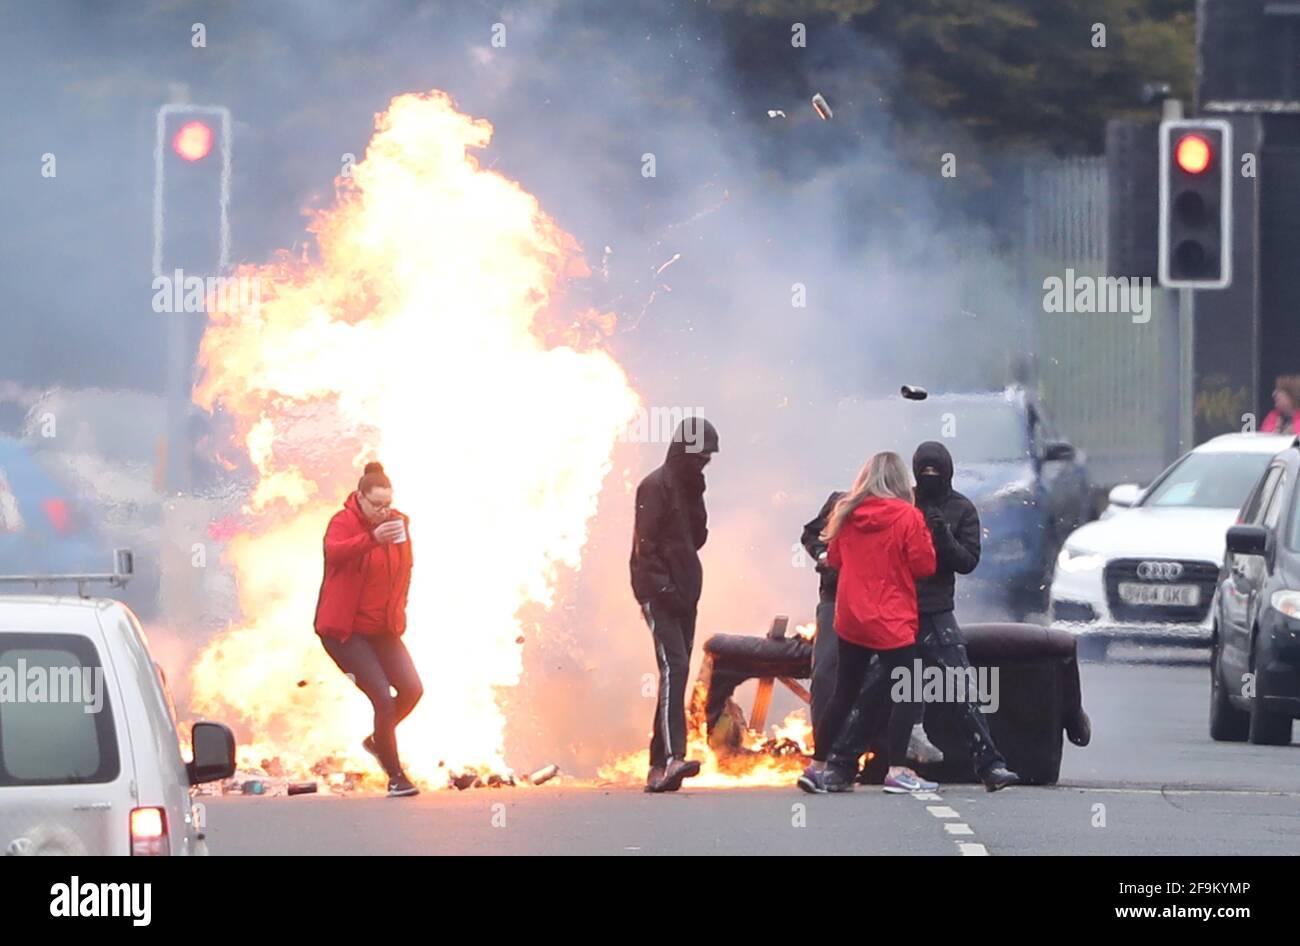 Ein Brand auf der Shankill Road in Belfast während weiterer Unruhen. Bilddatum: Montag, 19. April 2021. Stockfoto